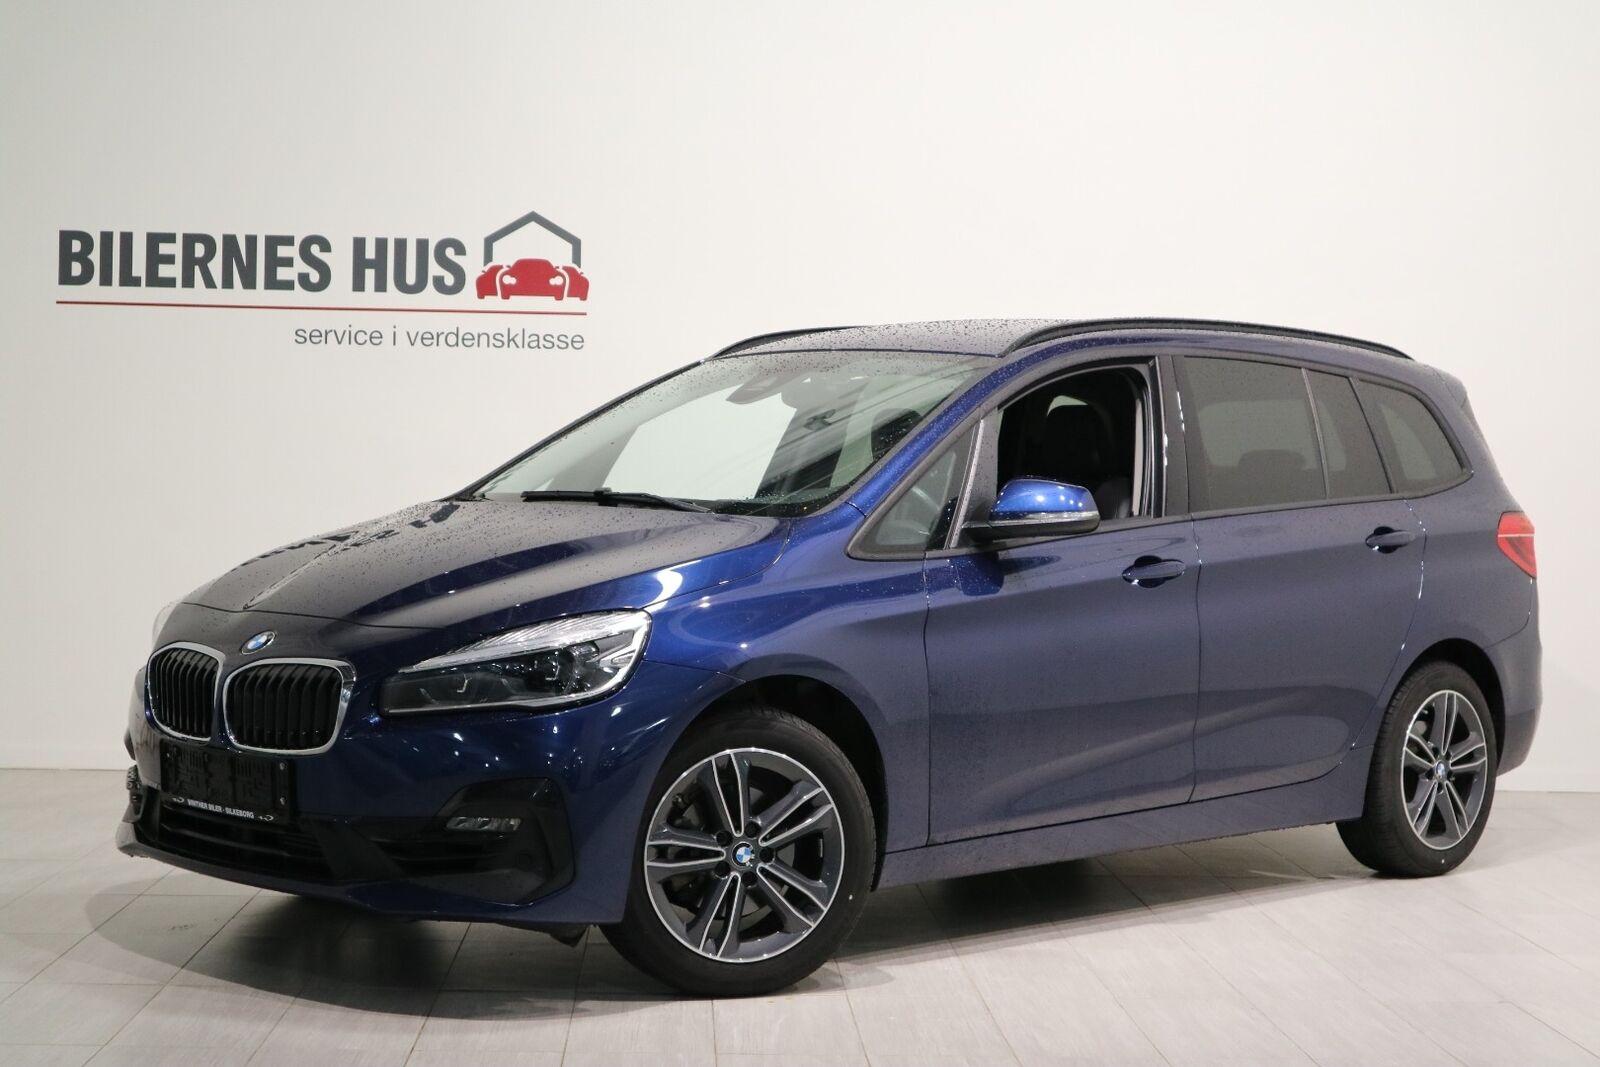 BMW 216i Billede 2